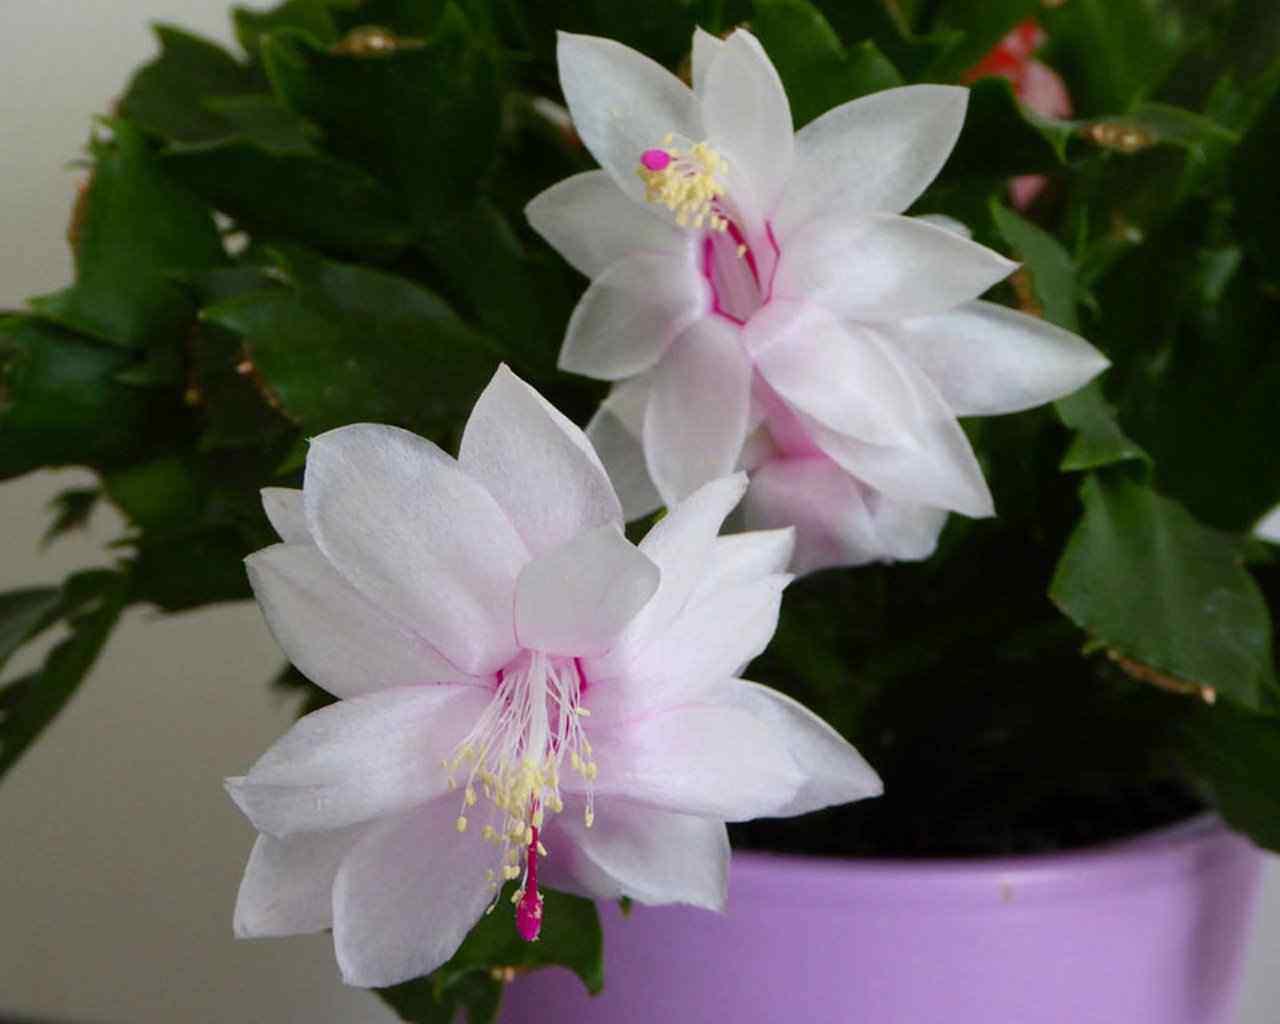 hình ảnh hoa xương rồng đẹp 3